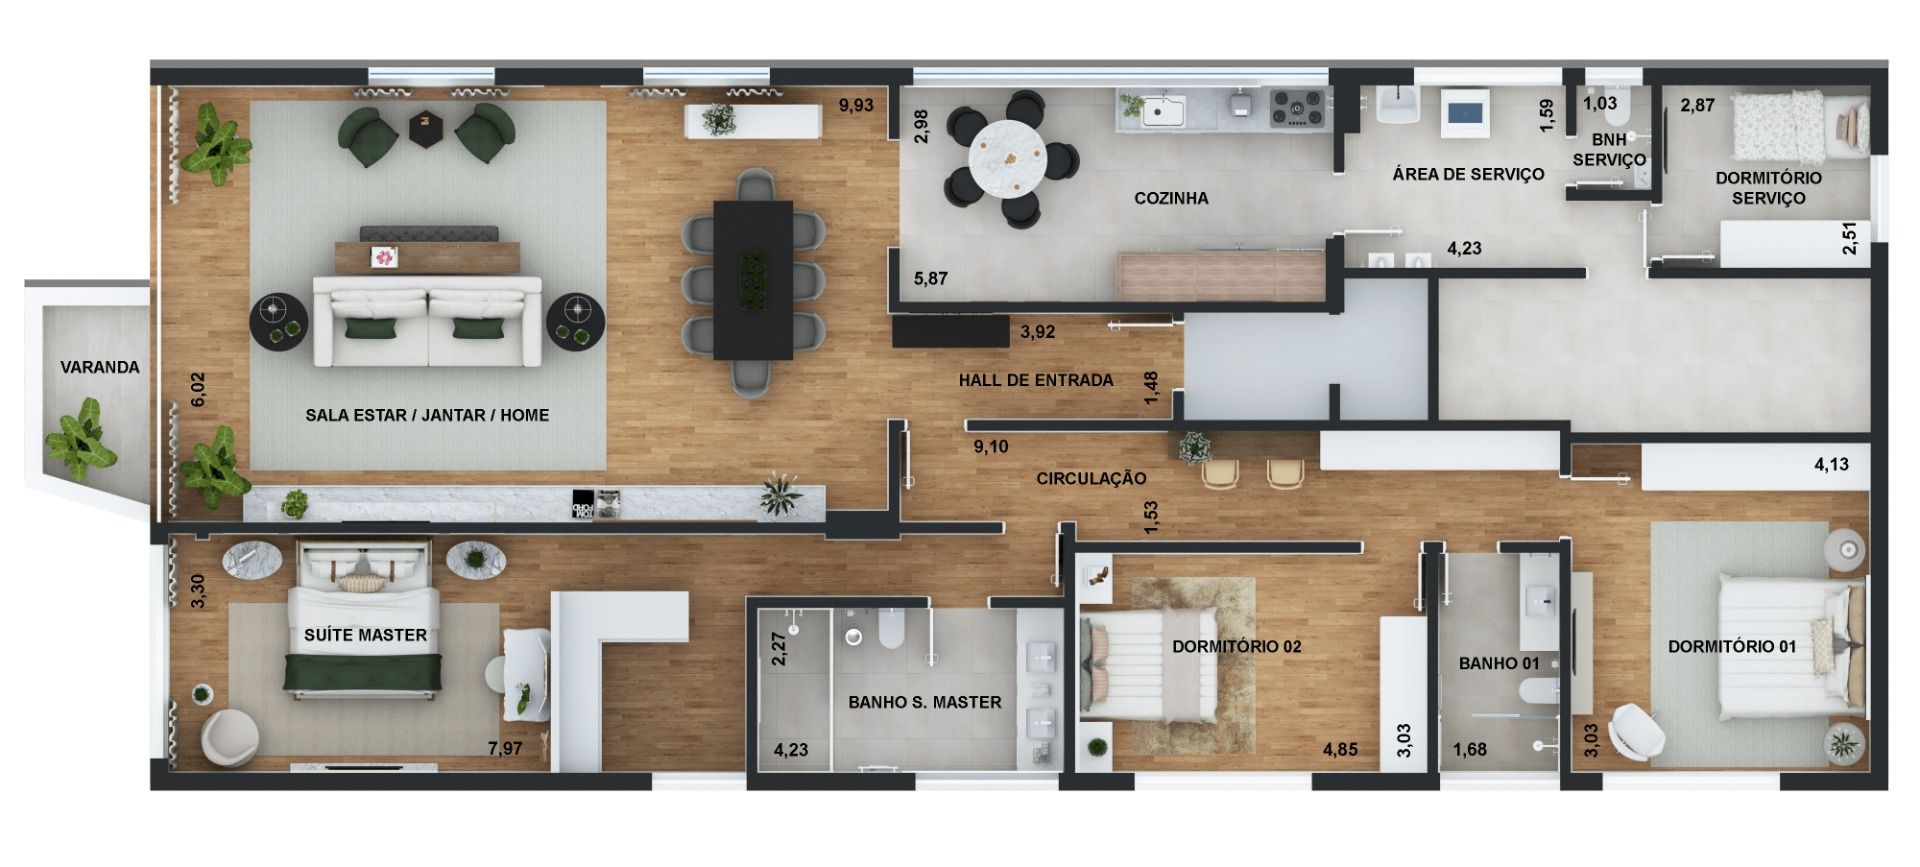 244 M² - 3 DORMITÓRIOS, SENDO 1 SUÍTE. (Apartamento 61, 6º andar).